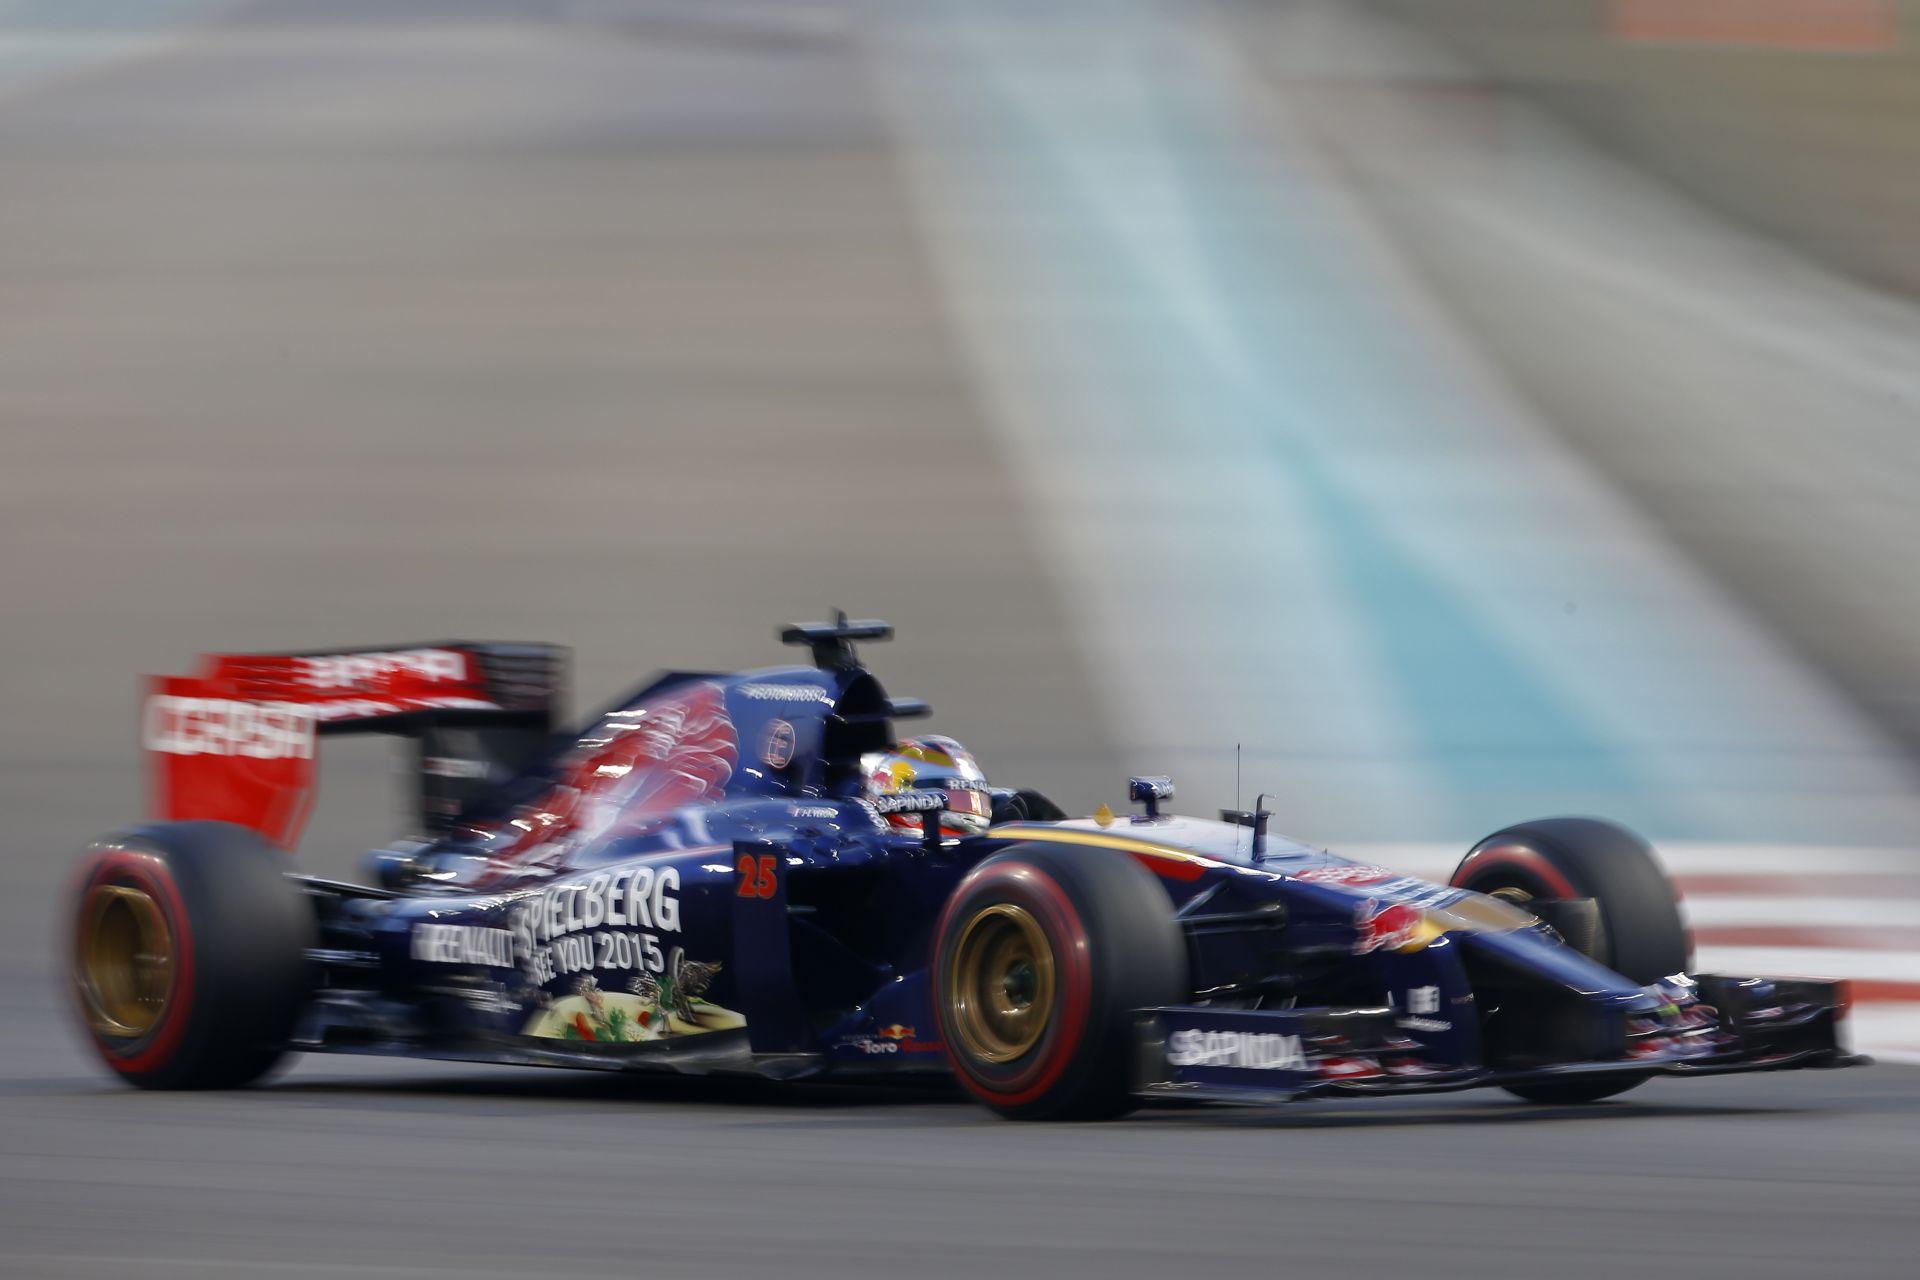 Ez lesz Vergne utolsó F1-es fellépése? Videón a Toro Rosso francia versenyzője